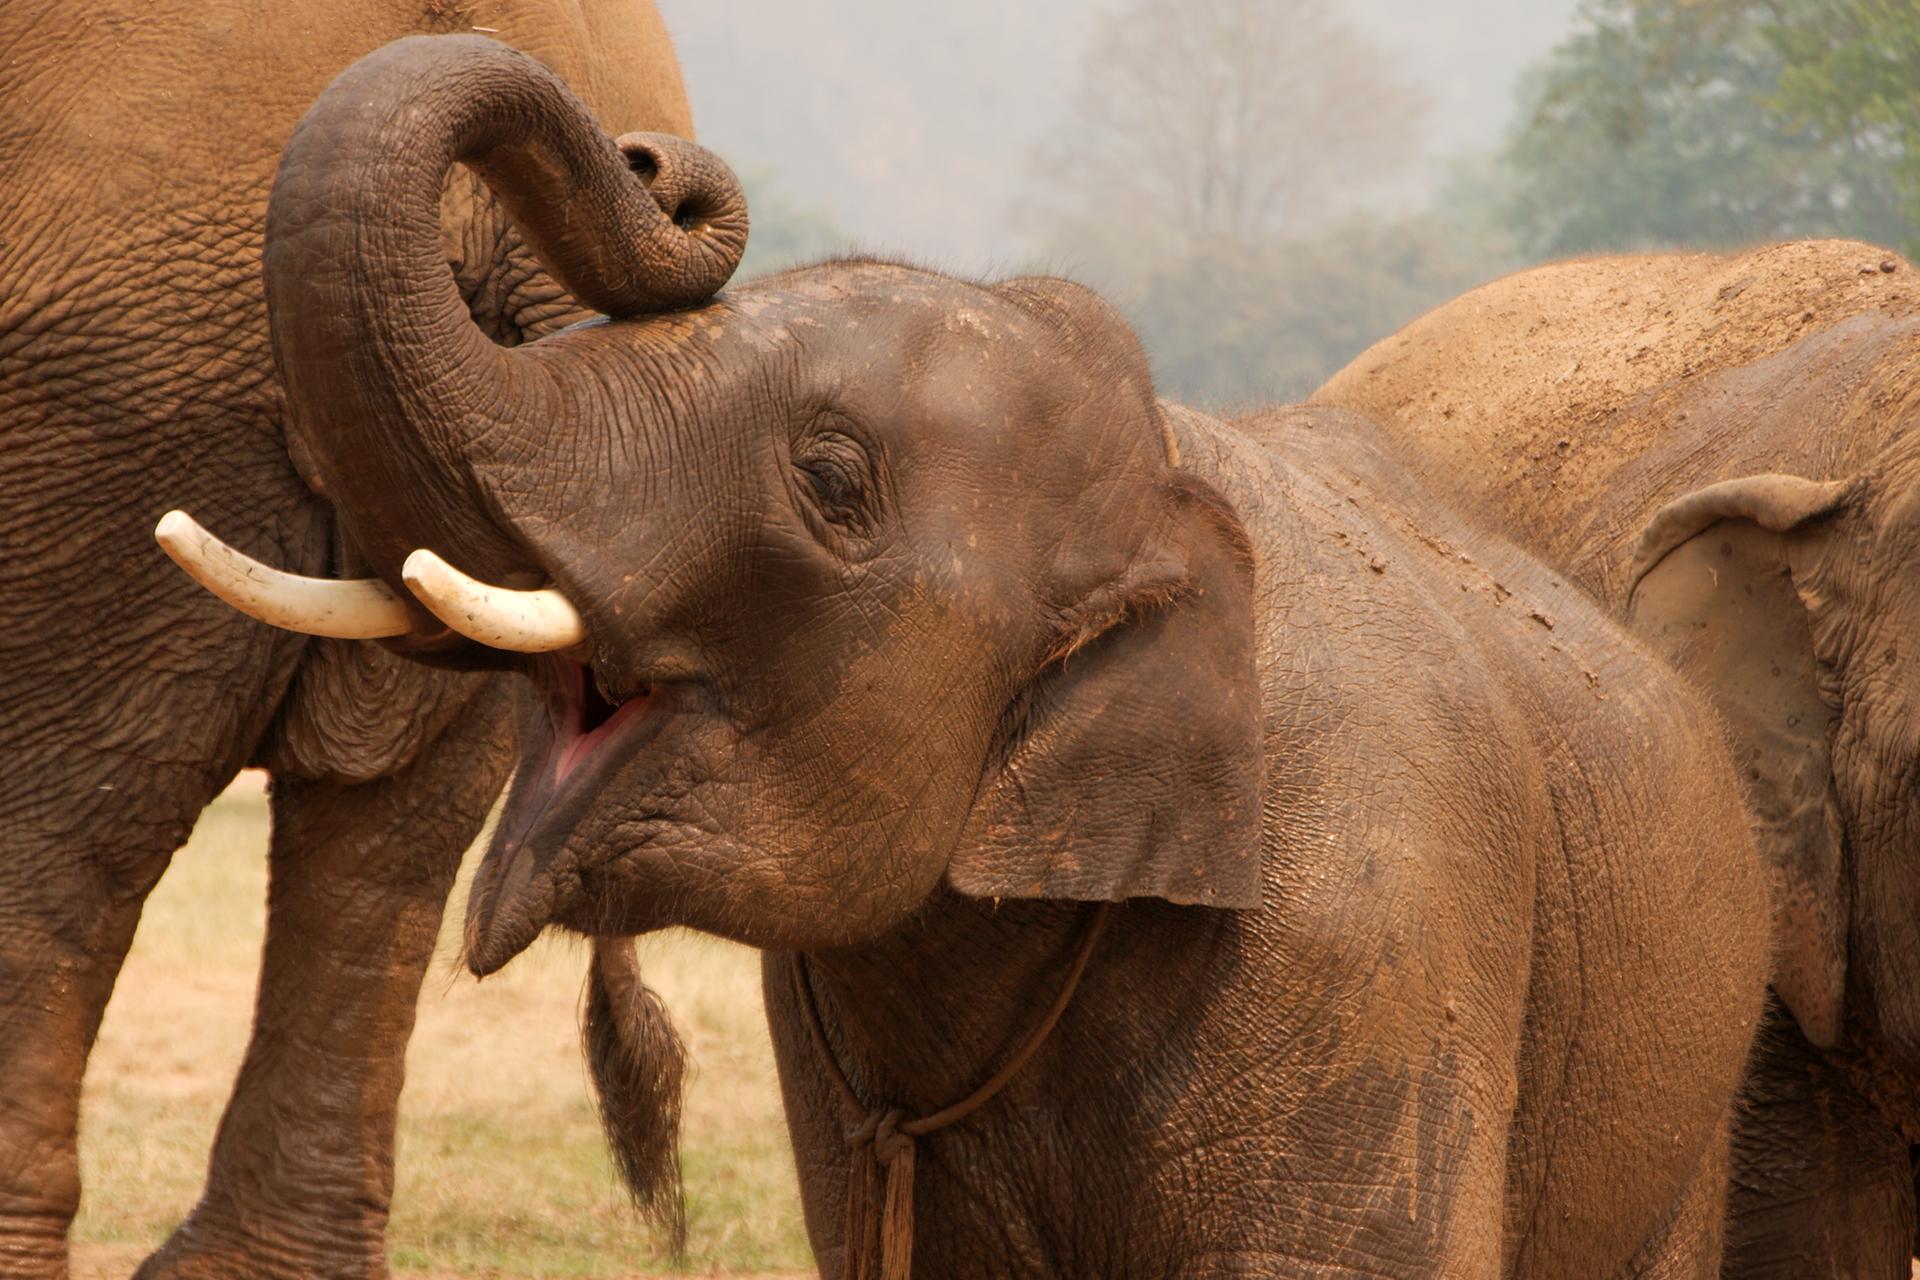 Zdjęcie przedstawia słonia zpodniesioną trąbą.